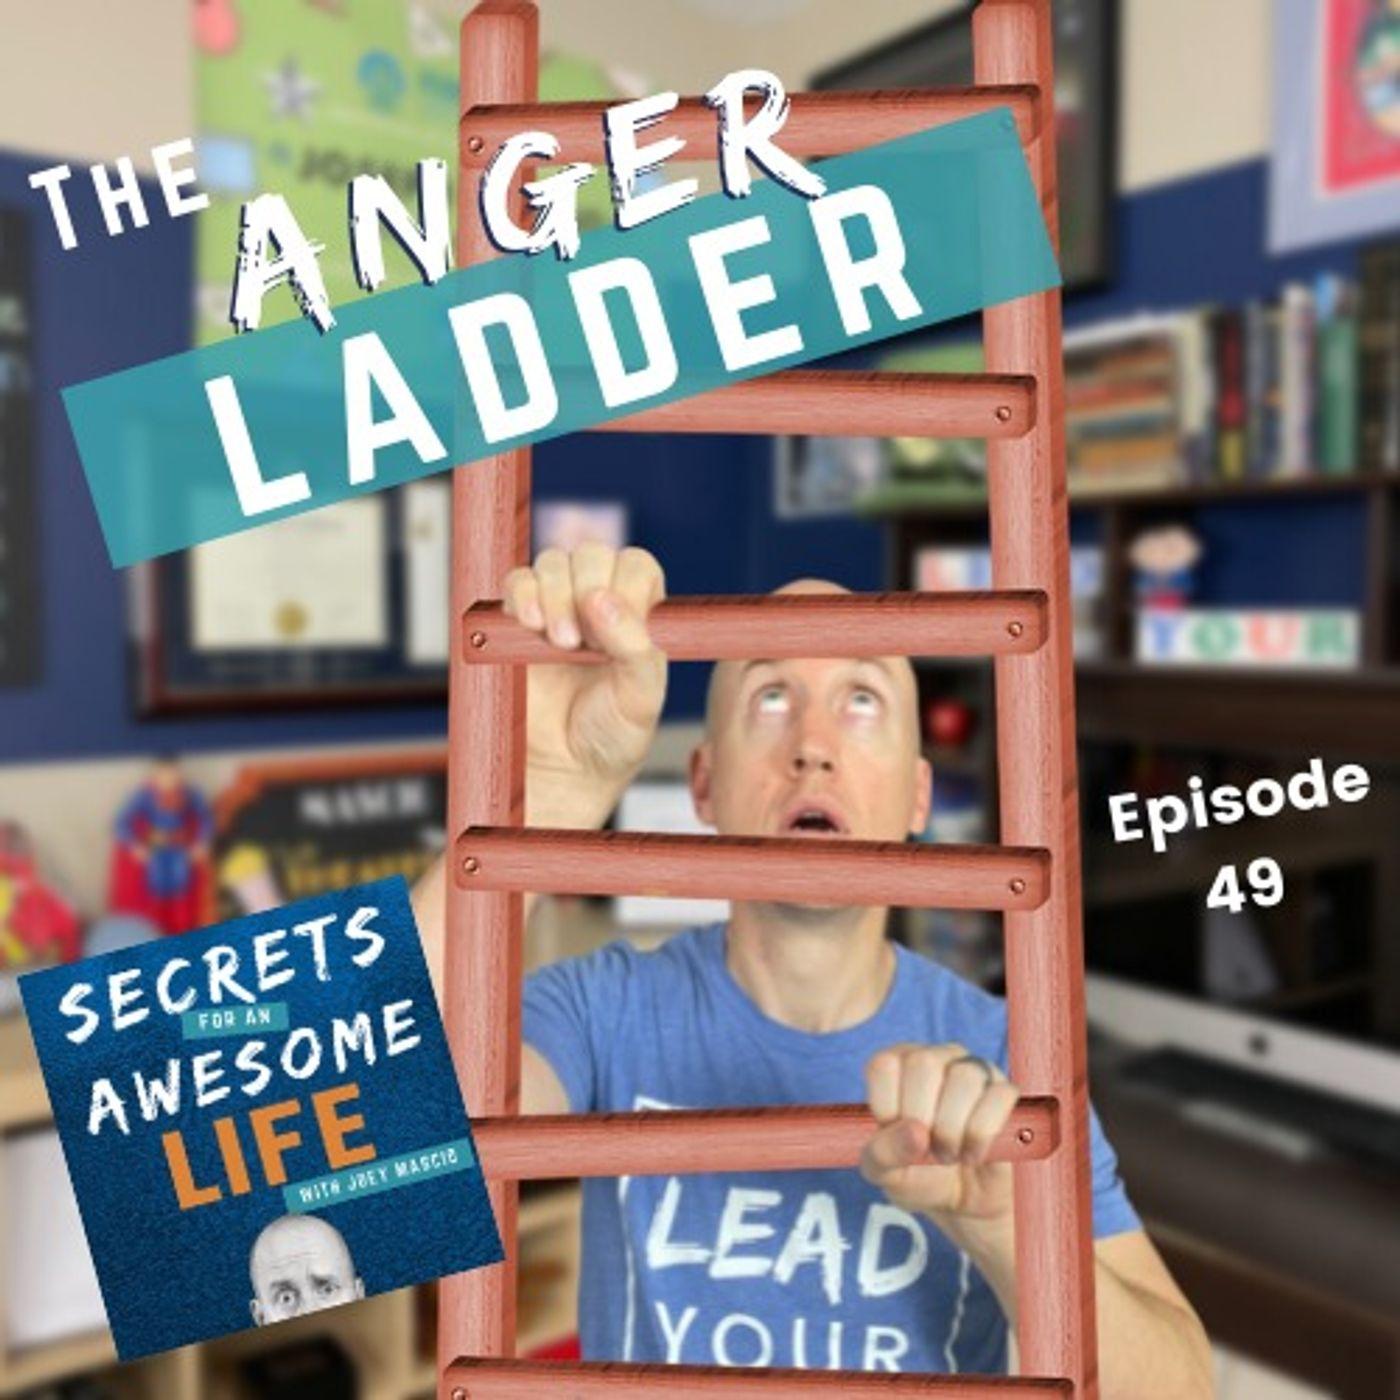 The Anger Ladder